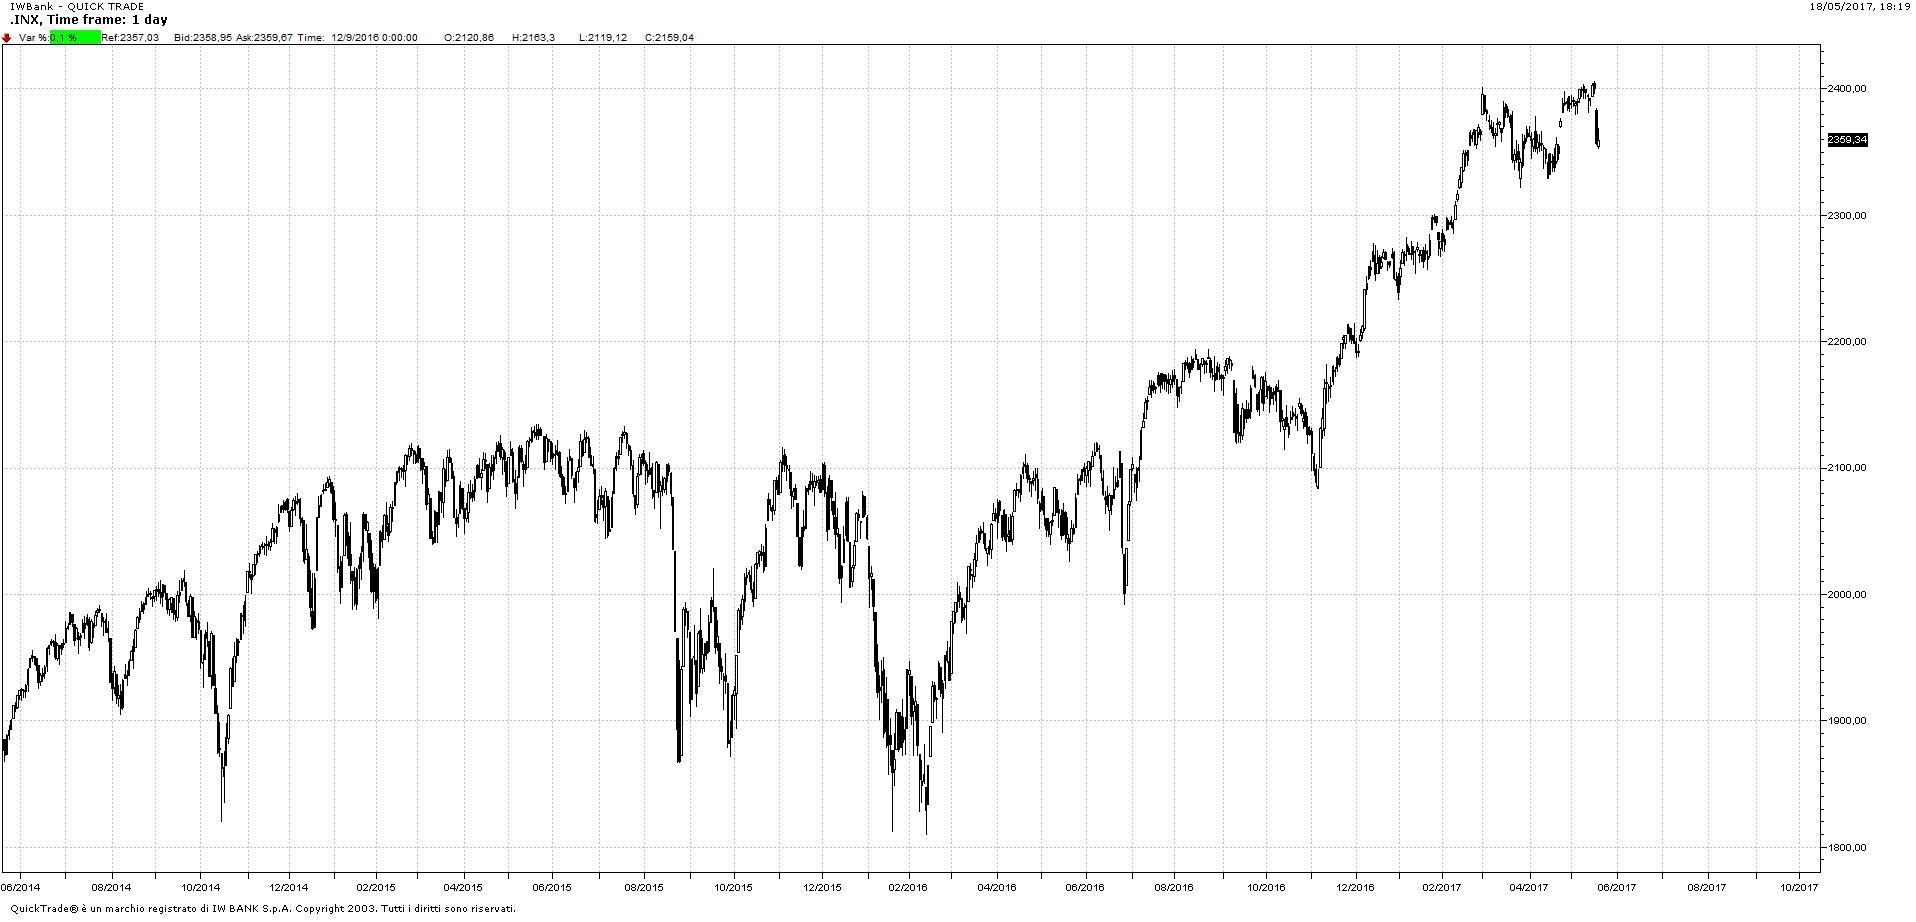 Grafico giornaliero S&P500 dal 2014 al 18 maggio 2017